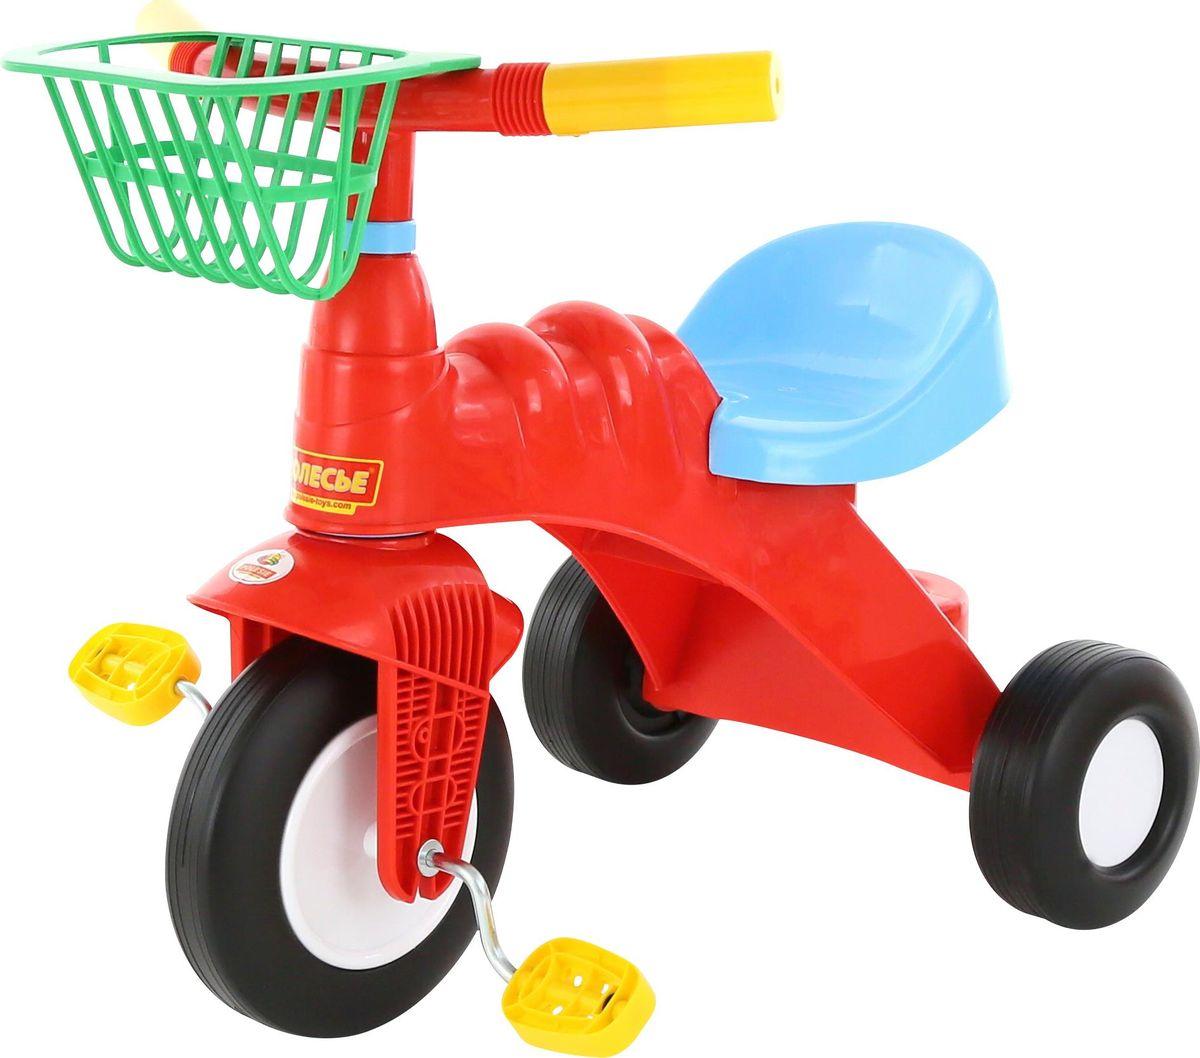 Полесье Велосипед трехколесный Малыш с корзинкой46192Полесье Велосипед трехколесный Малыш с корзинкой